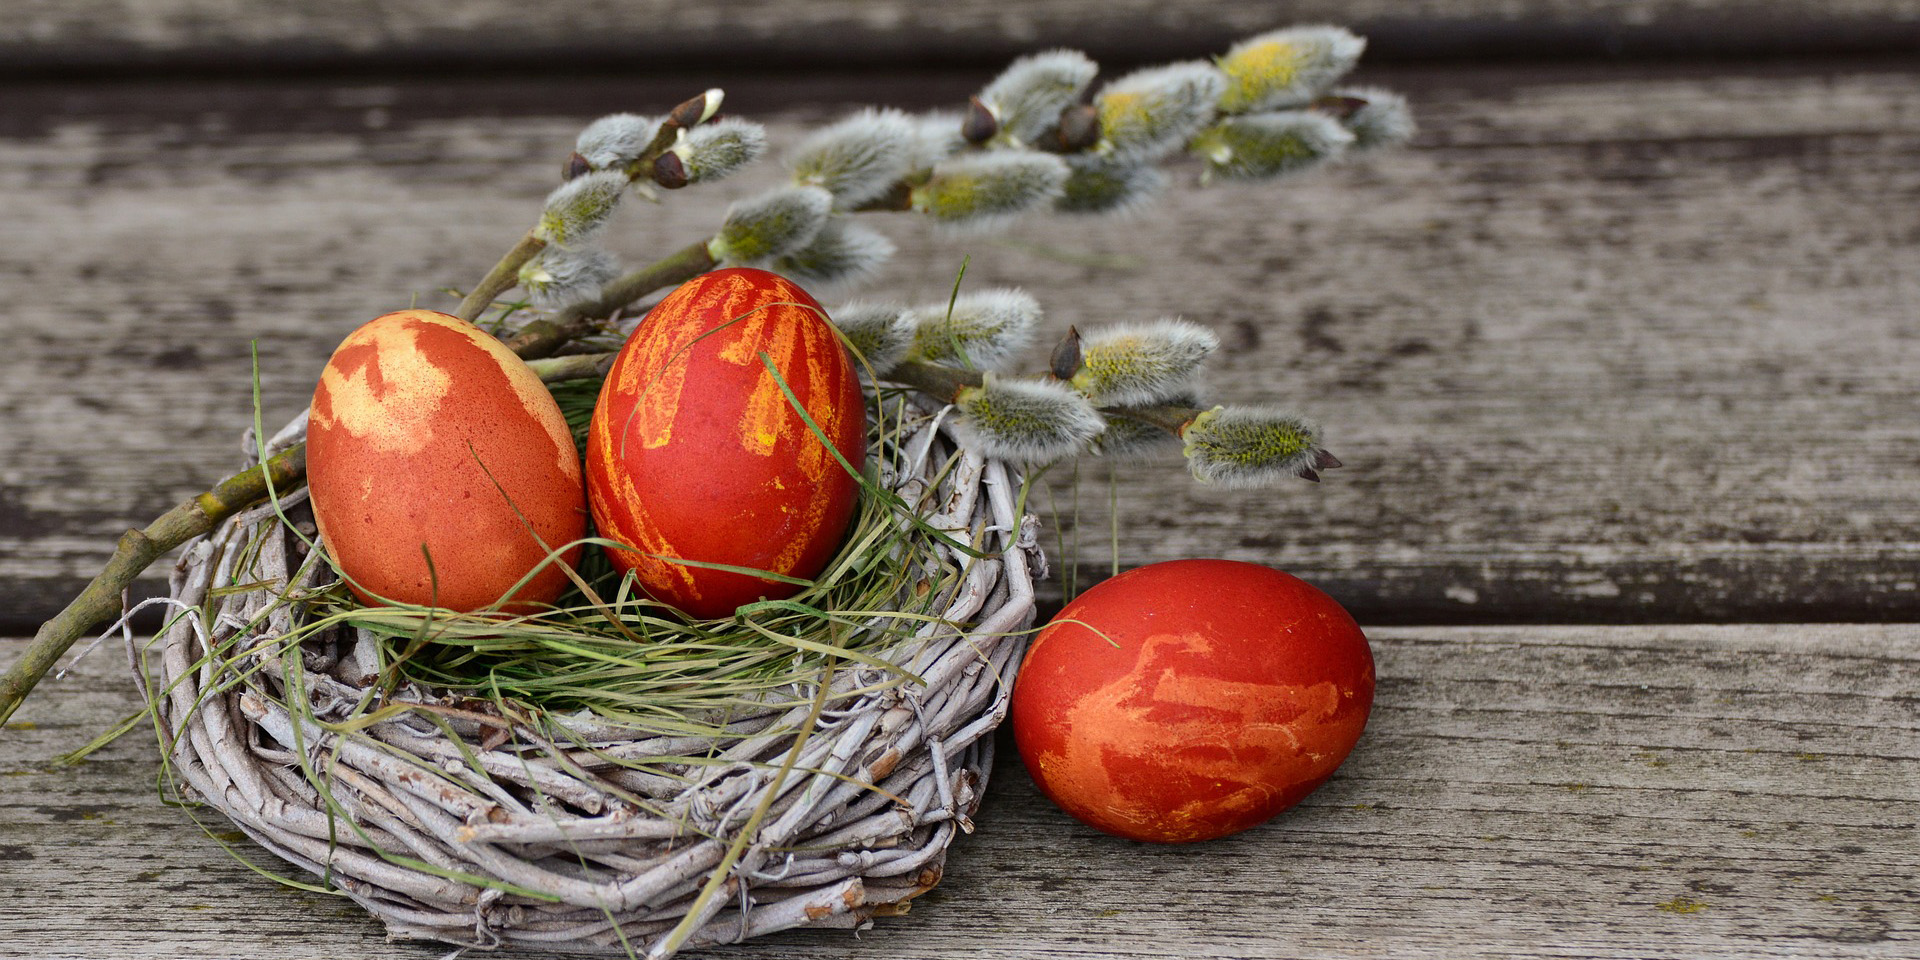 Aus Zweigen gefertigtes Osternest mit drei roten Ostereiern und Palmkätzchen